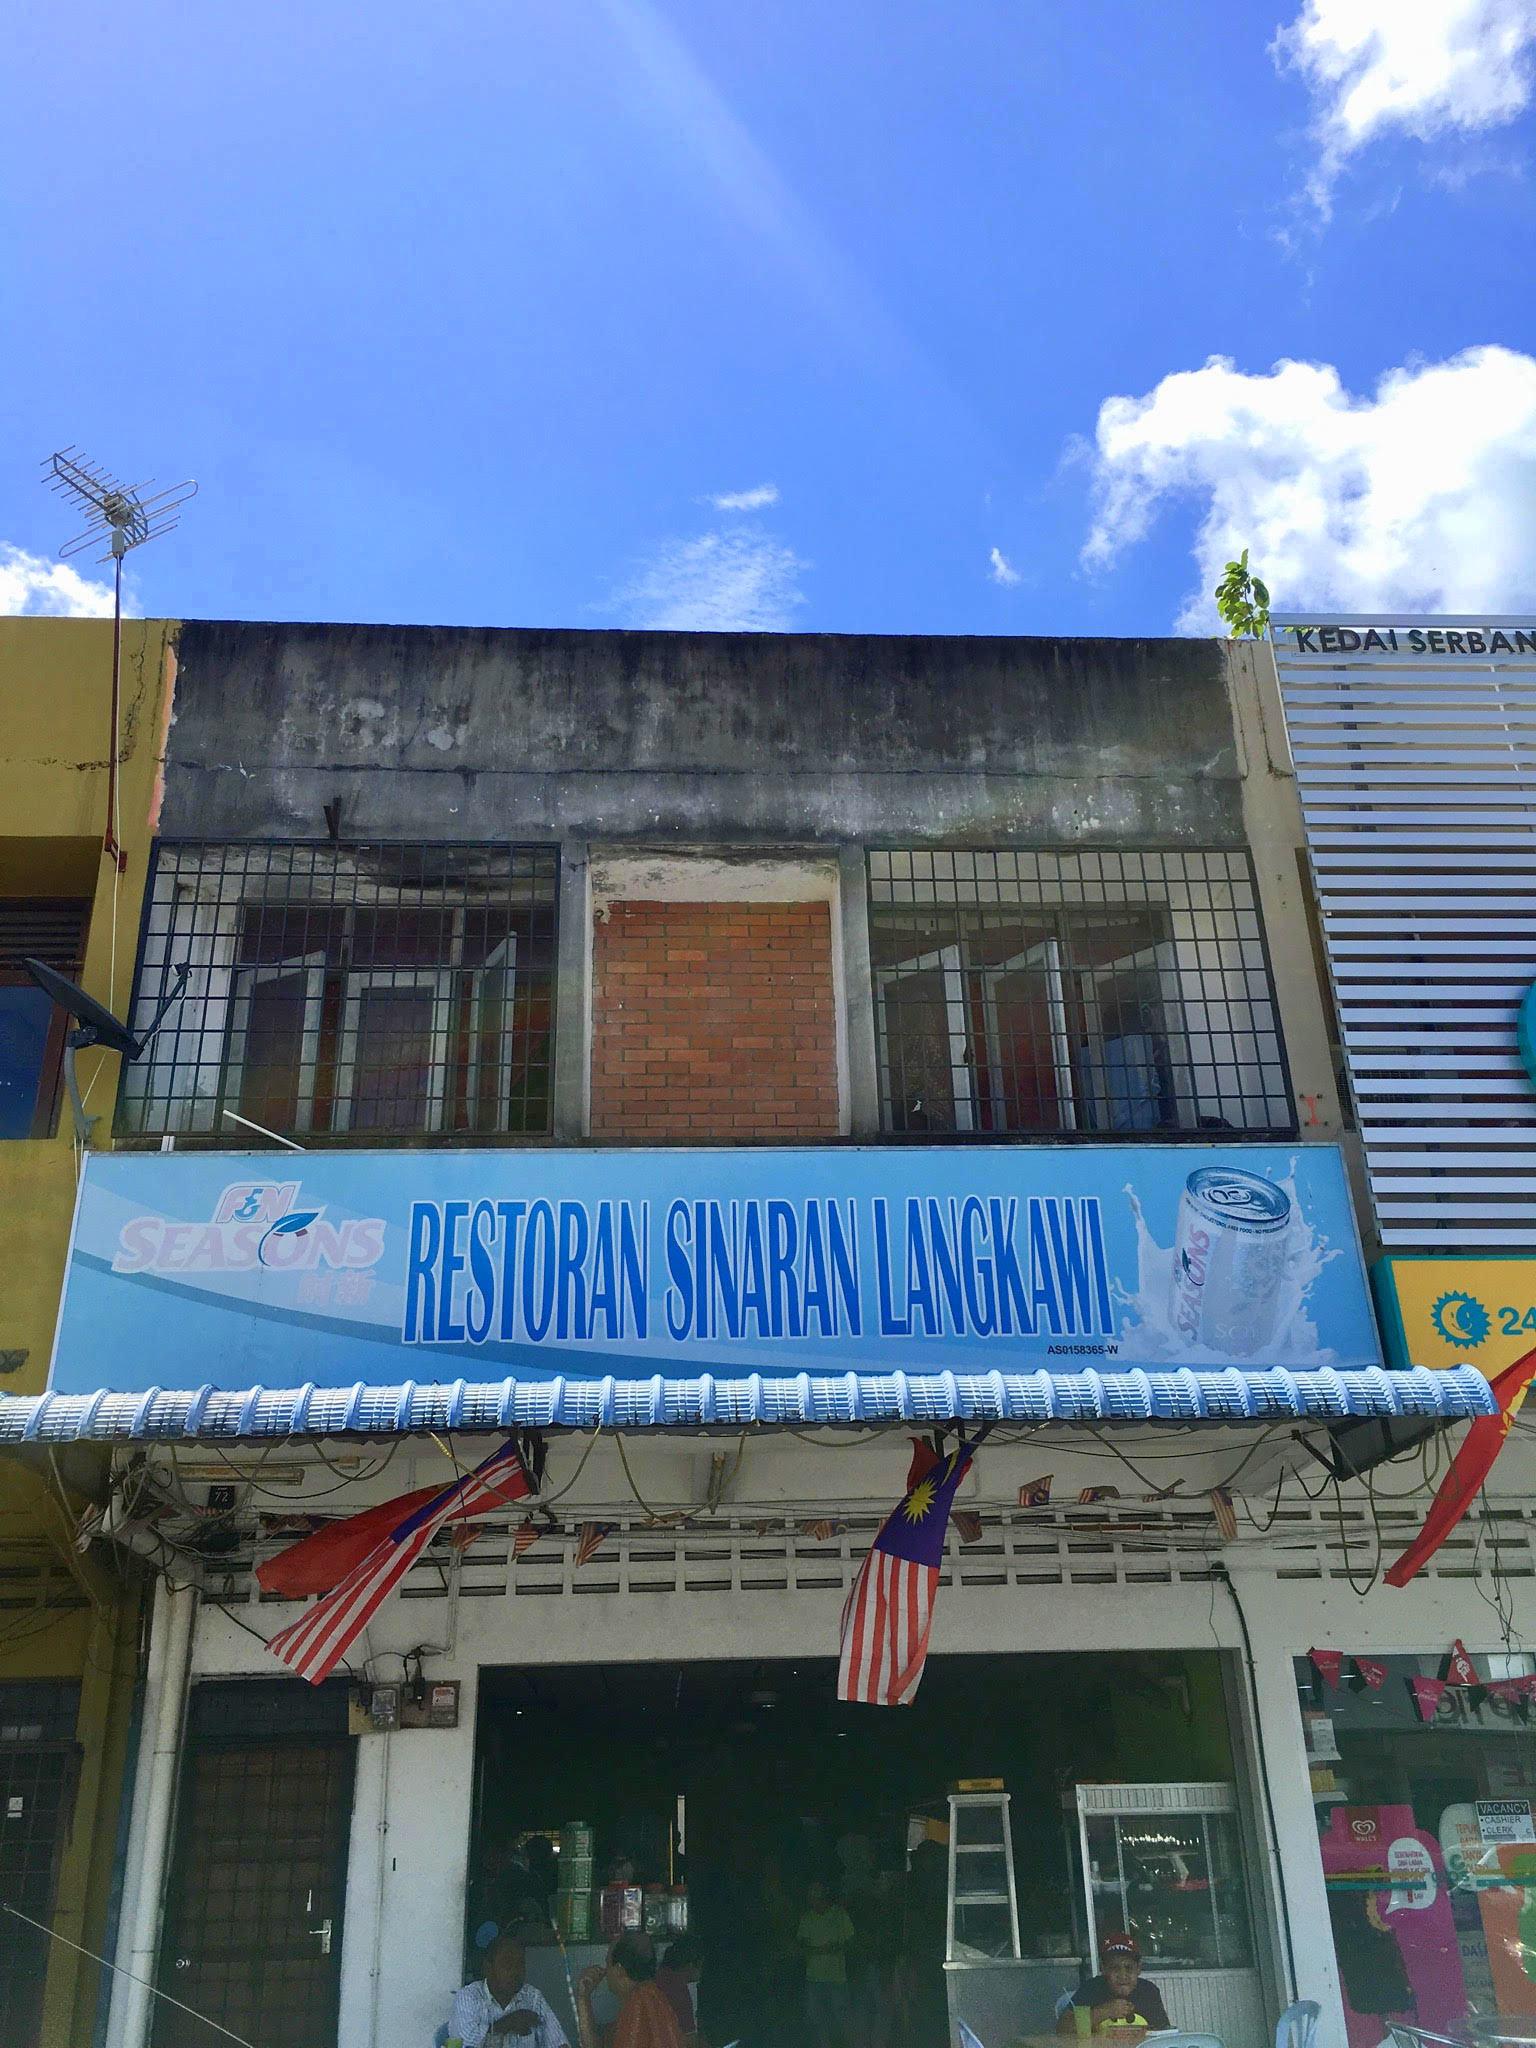 restoran sinaran langkawi